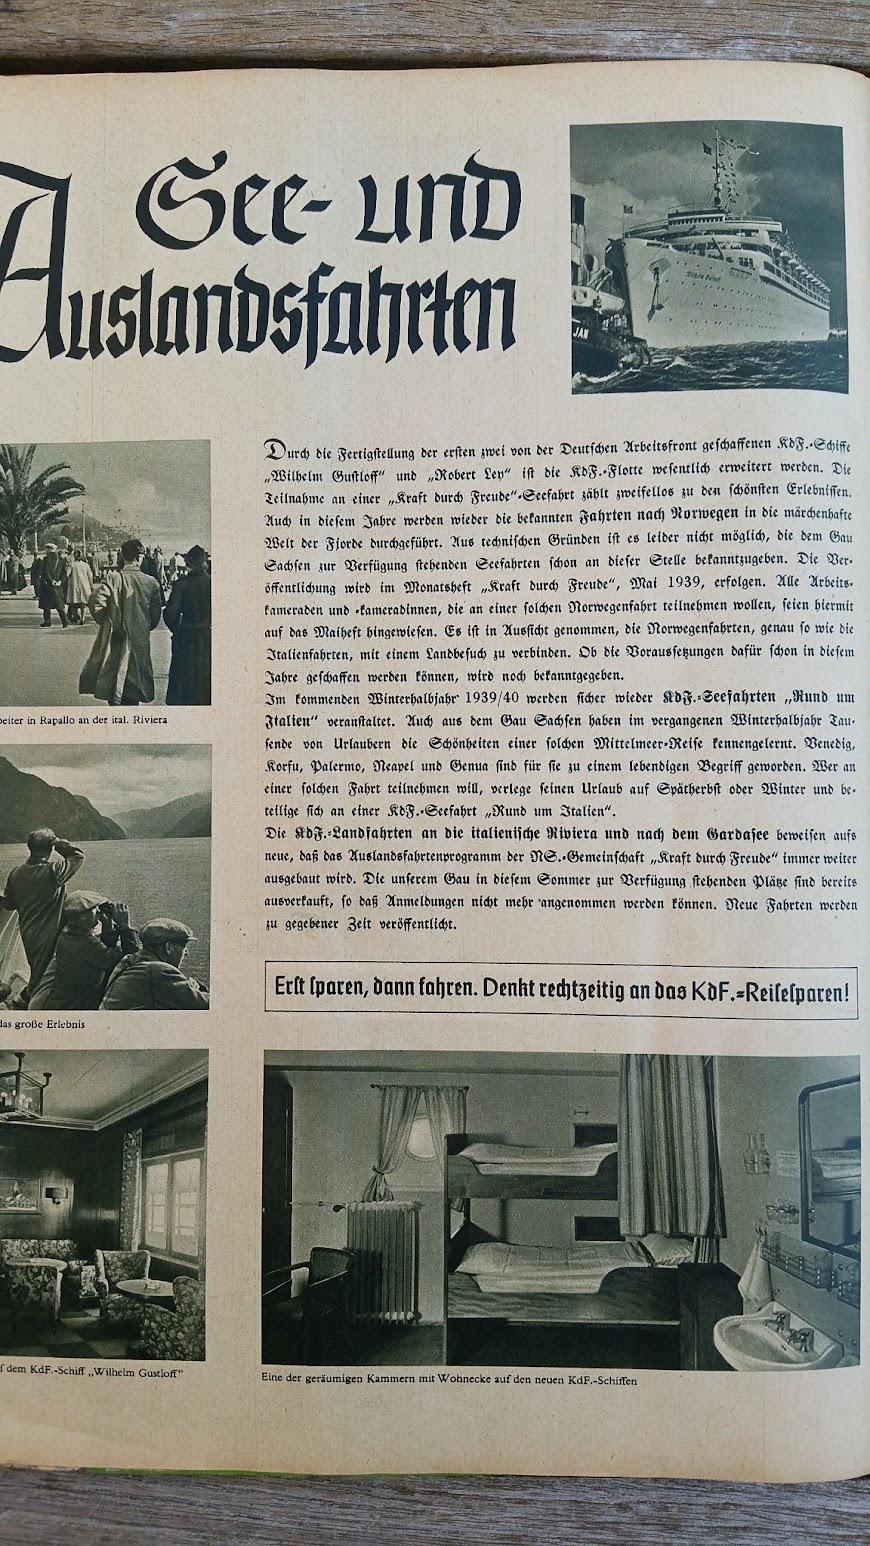 """Die Deutsche Arbeitsfront - Urlaubsfahrten 1939 - NS-Gemeinschaft """"Kraft durch Freude"""" Gau Sachsen - Katalog - See- und Auslandsfahrten"""